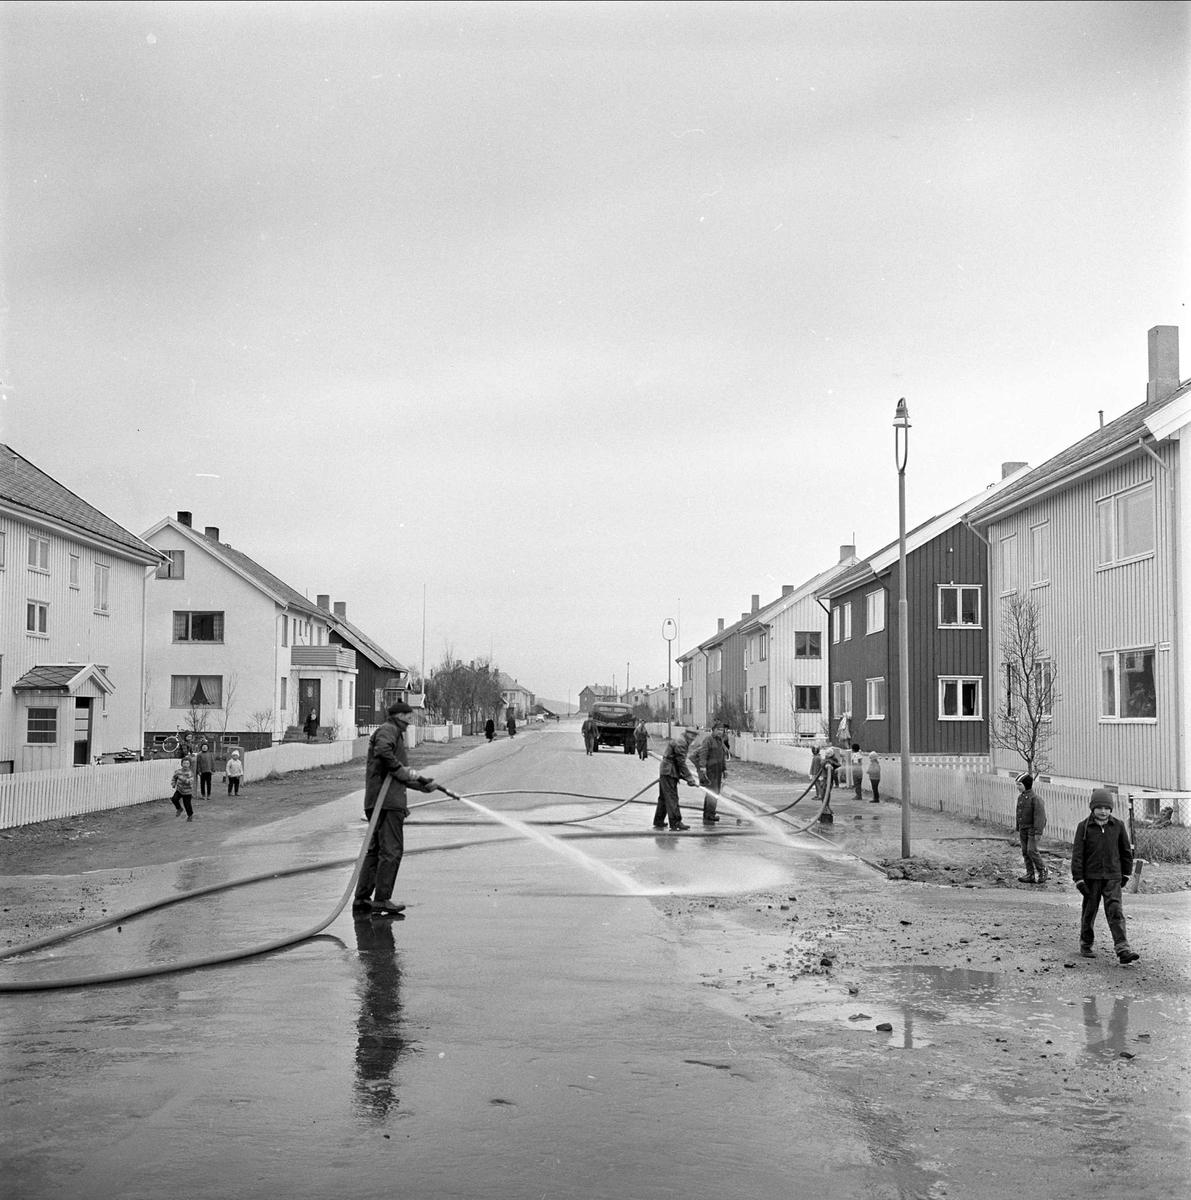 Bodø, april 1963. Spyling av gater i boligstrøk.